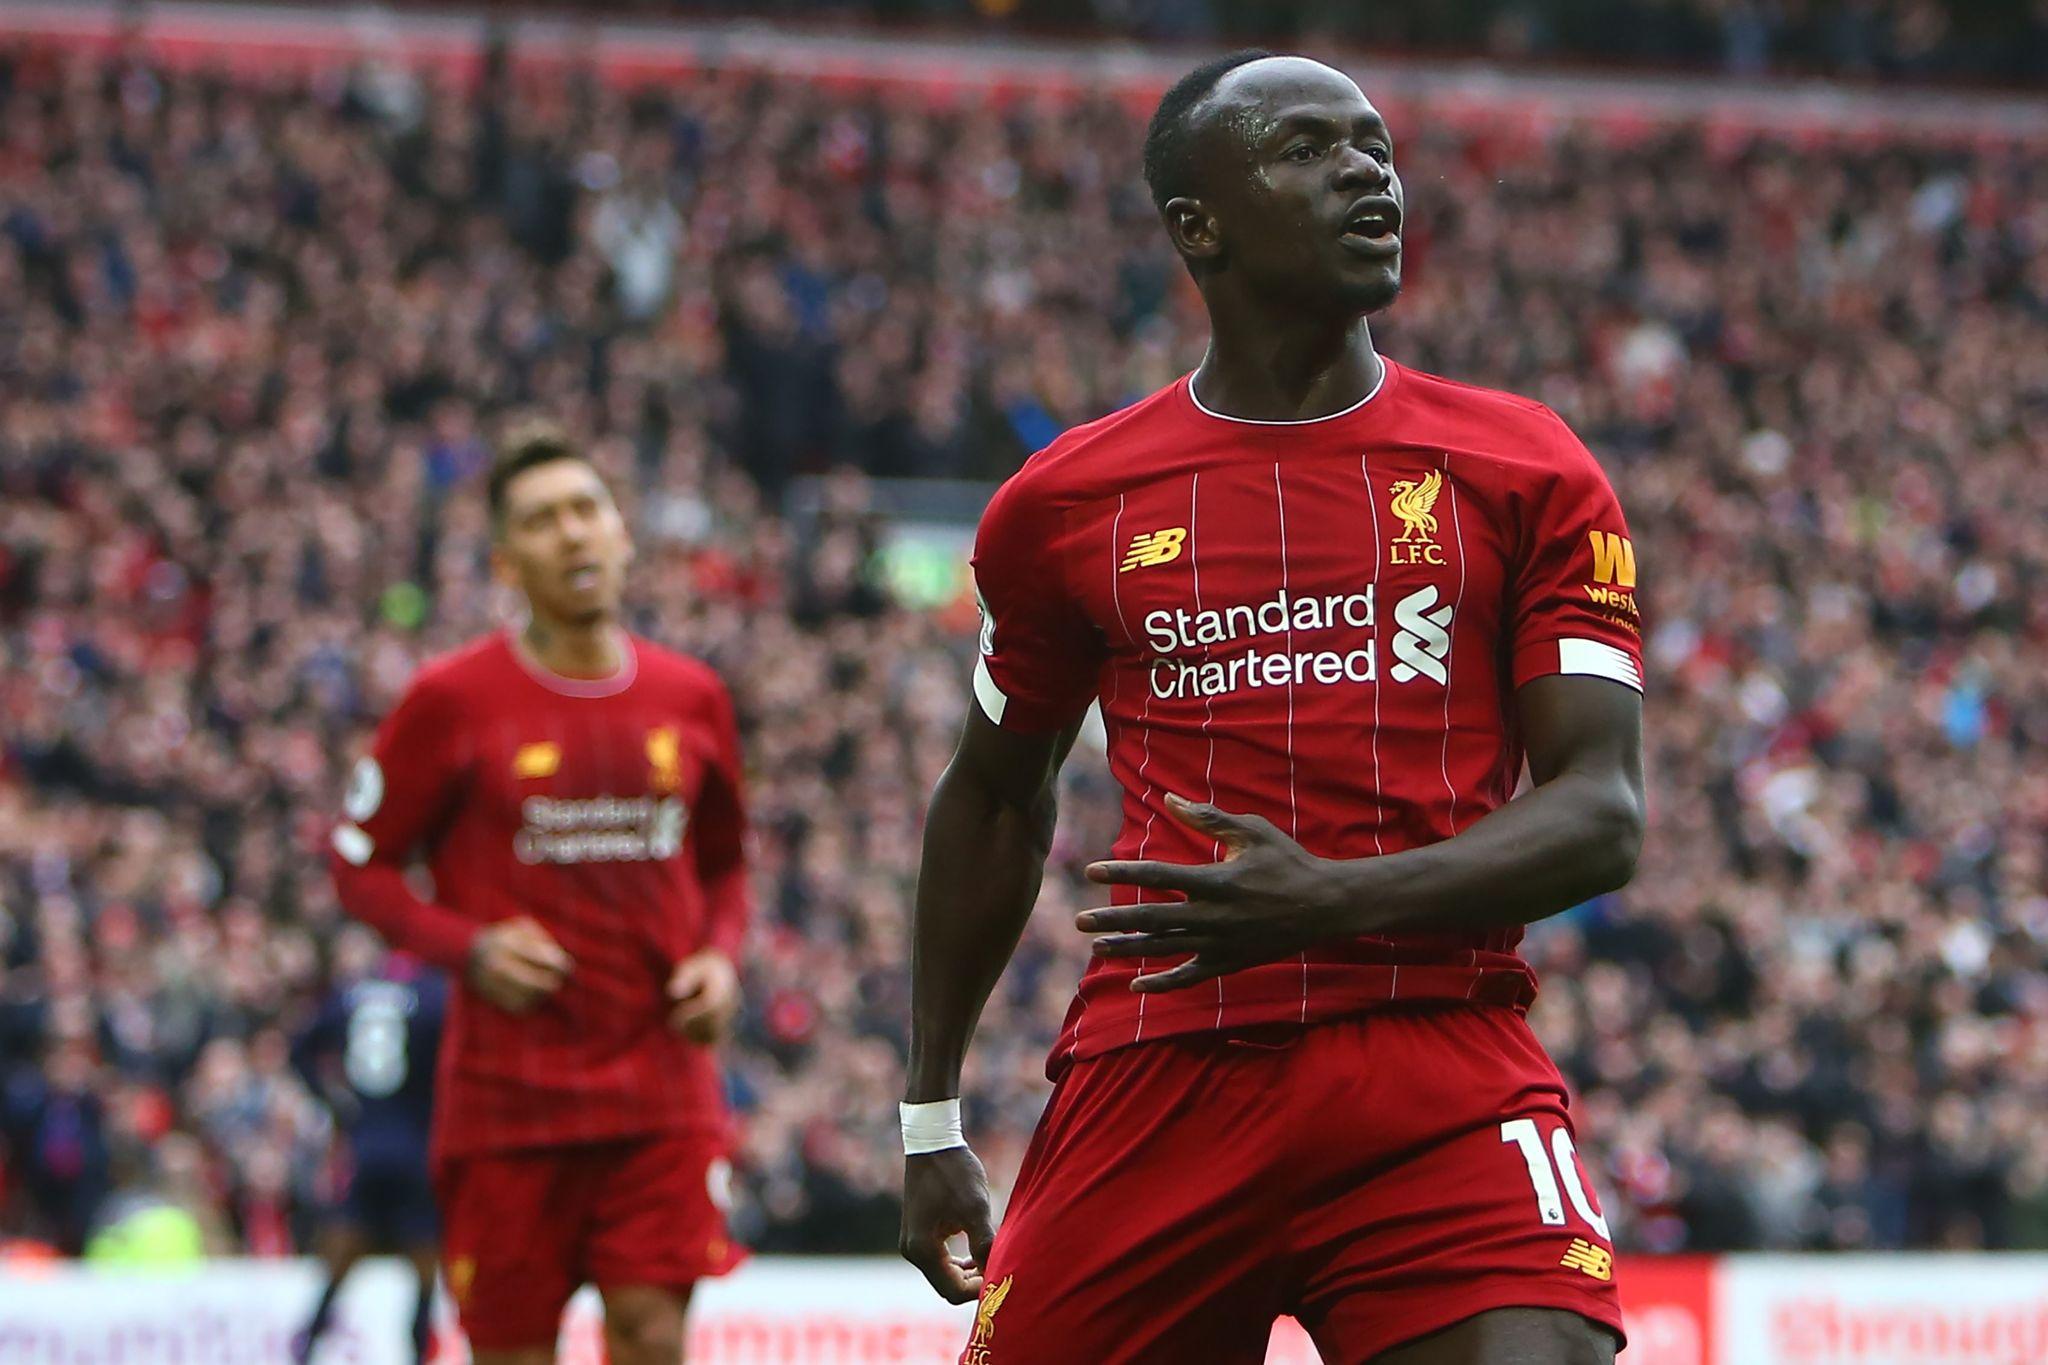 """Triunfo poco convincente del Liverpool y aviso de Klopp: """"La confianza viene y va"""""""